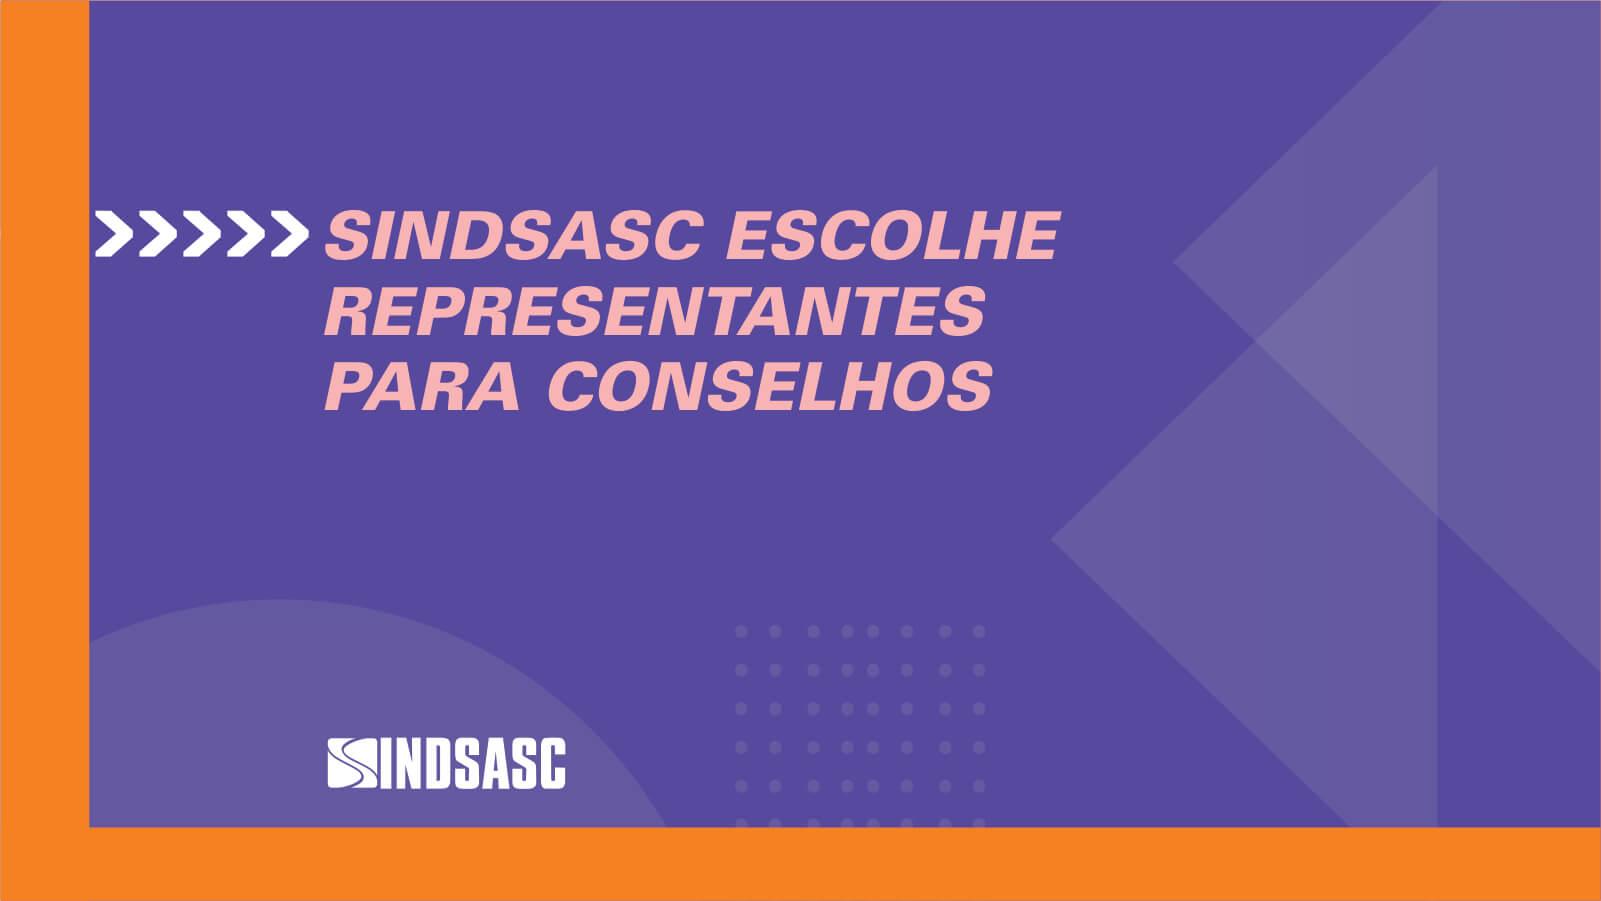 SINDSASC ESCOLHE REPRESENTANTES PARA CONSELHOS